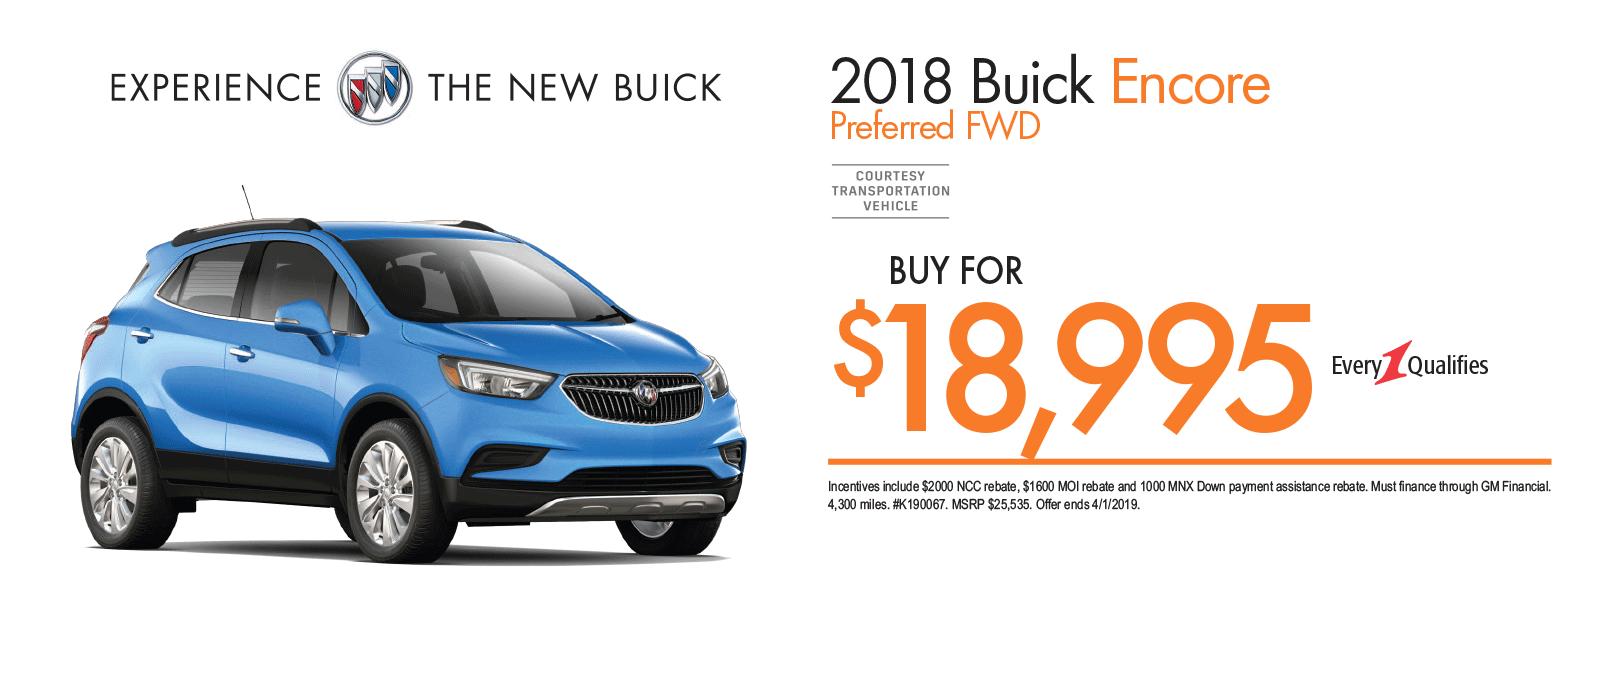 2018 Buick